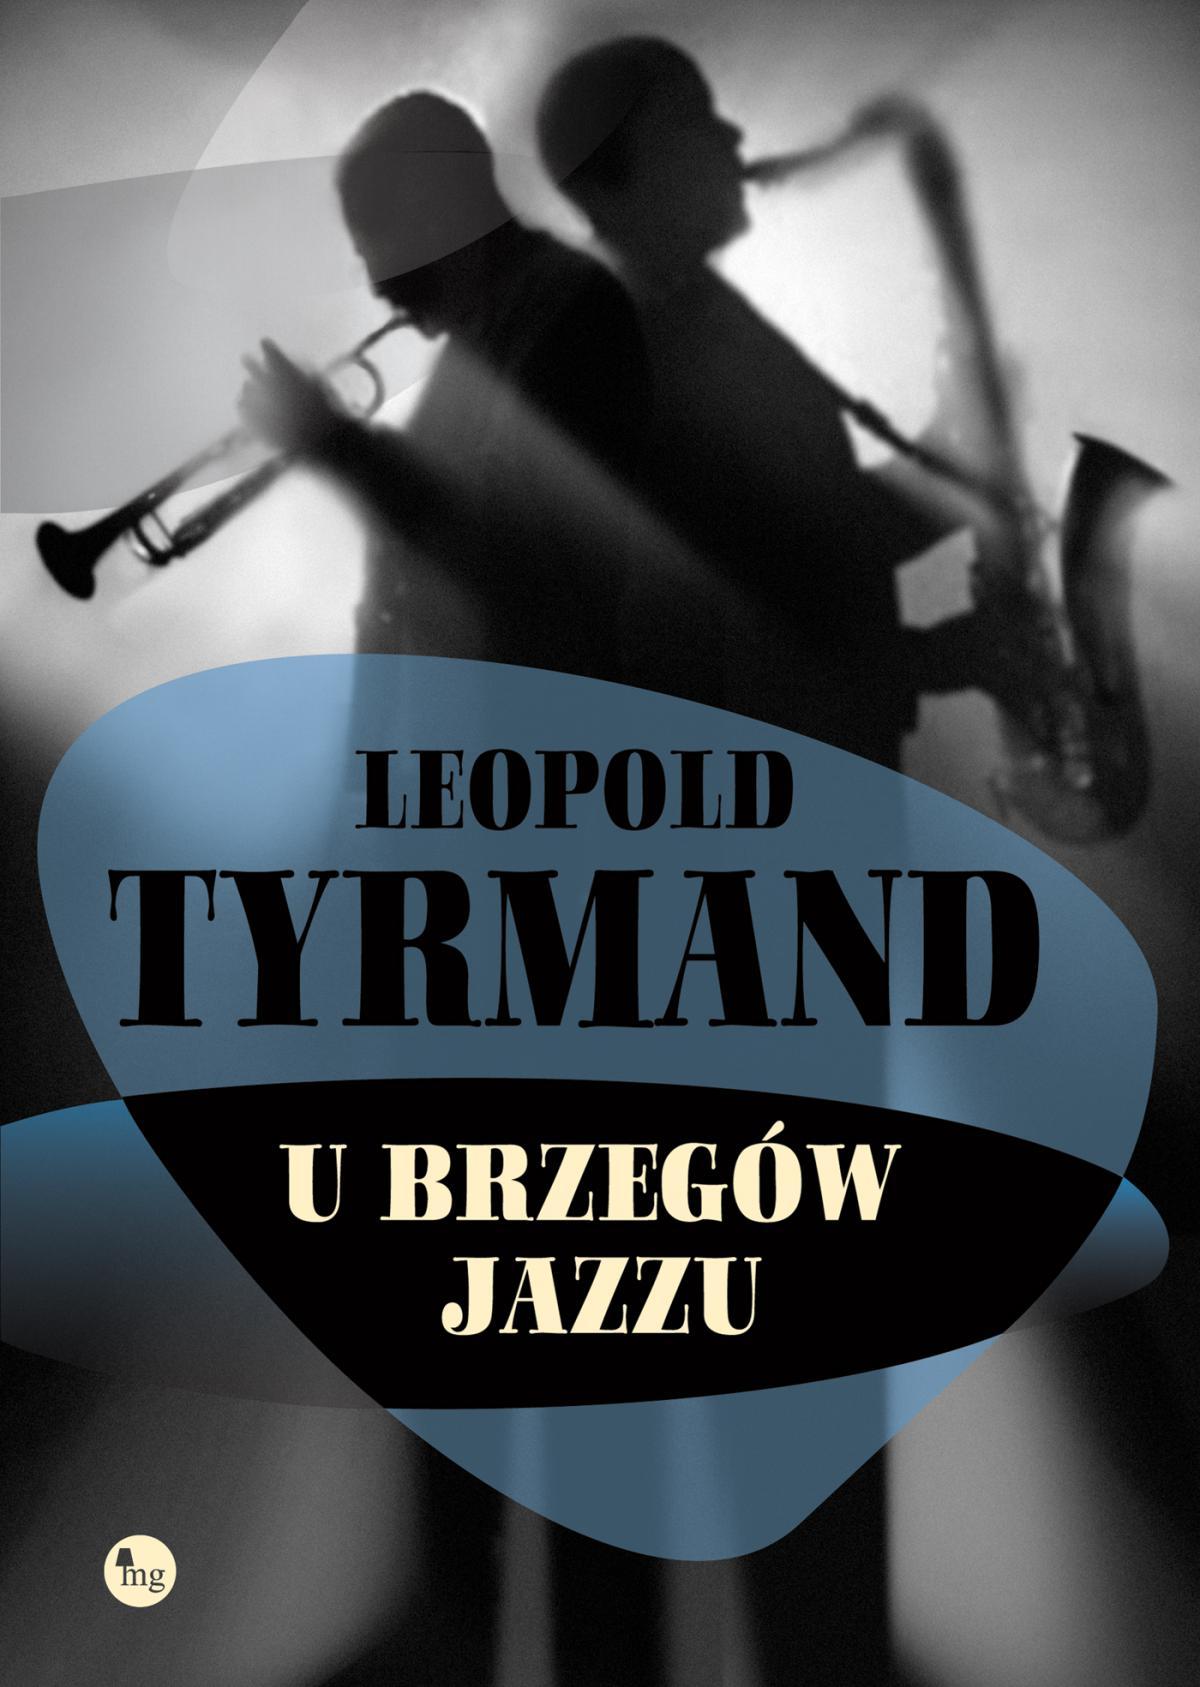 U brzegów jazzu. Wydanie 2 - Ebook (Książka EPUB) do pobrania w formacie EPUB